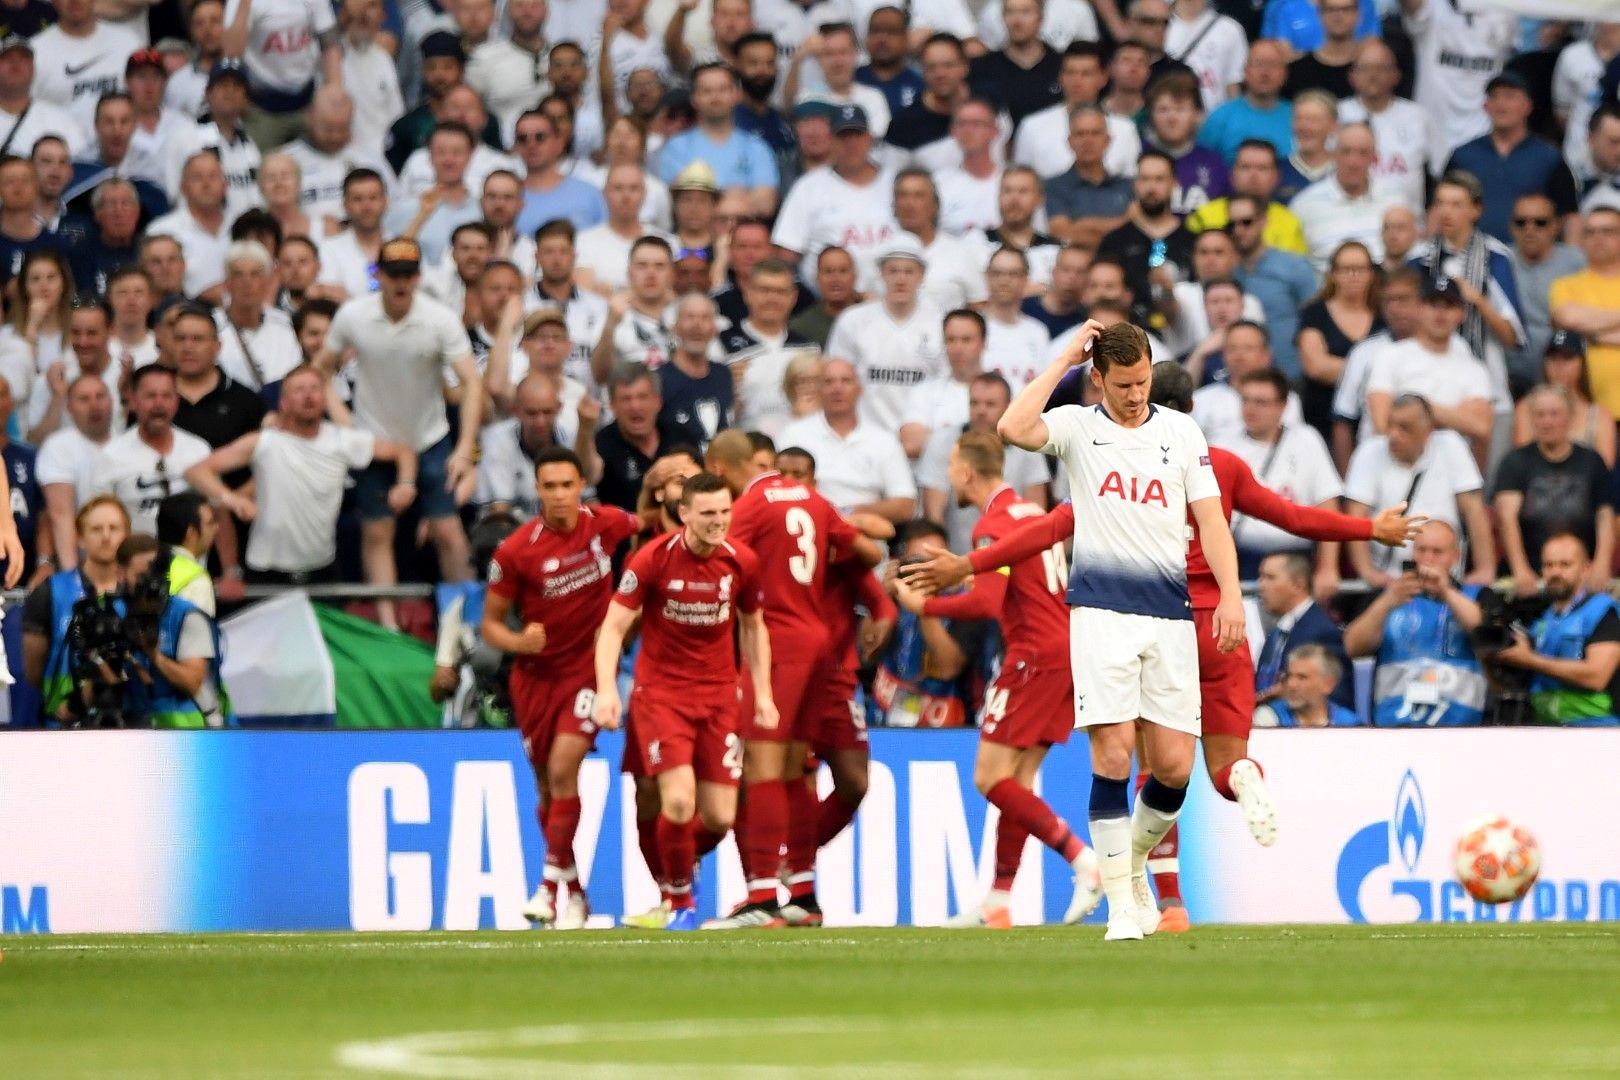 """Ян Вертонген (Тотнъм) - Да, """"шпорите"""" загубиха финала, но Вертонген беше сърцето на отбраната на изненадващия финалист. 32-годишният белгиец игра като централен и ляв защитник и не може да се забрави забележителното му представяне при победата с 3:0 над Борусия (Дортмунд) на Уембли. На няколко пъти през сезона получи тежки удари в главата, но се връщаше, за да помага на съотборниците си."""